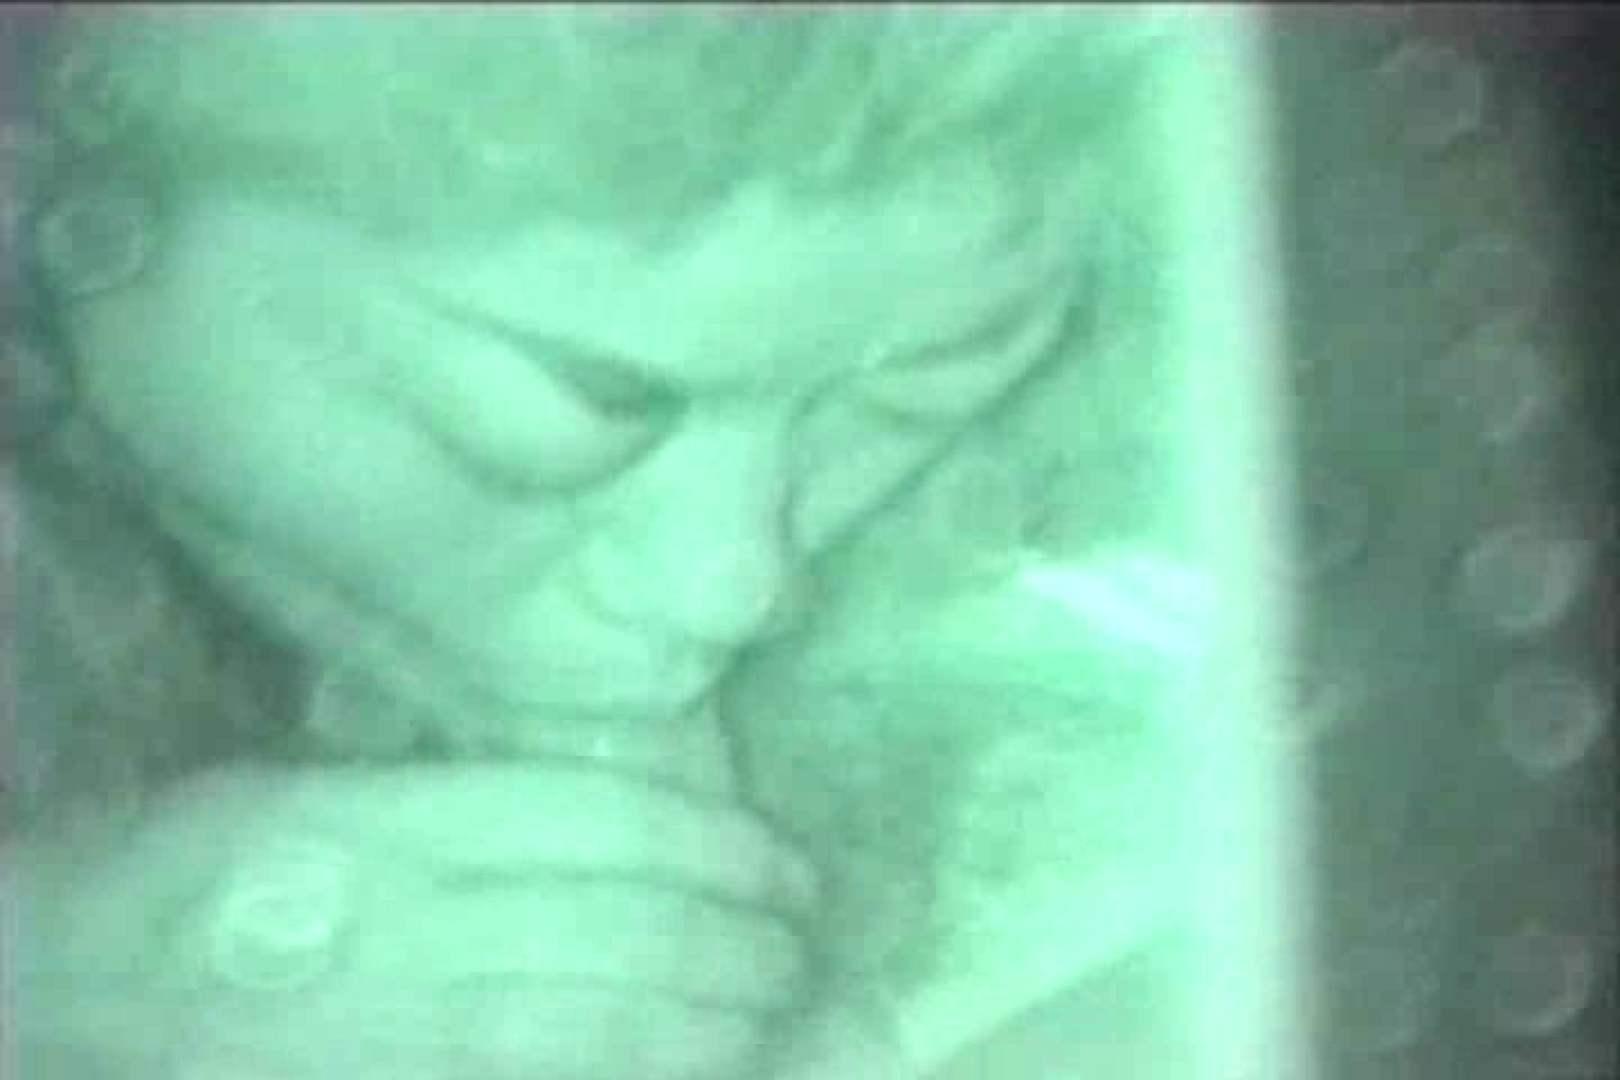 蔵出し!!赤外線カーセックスVol.19 赤外線 隠し撮りオマンコ動画紹介 99pic 47